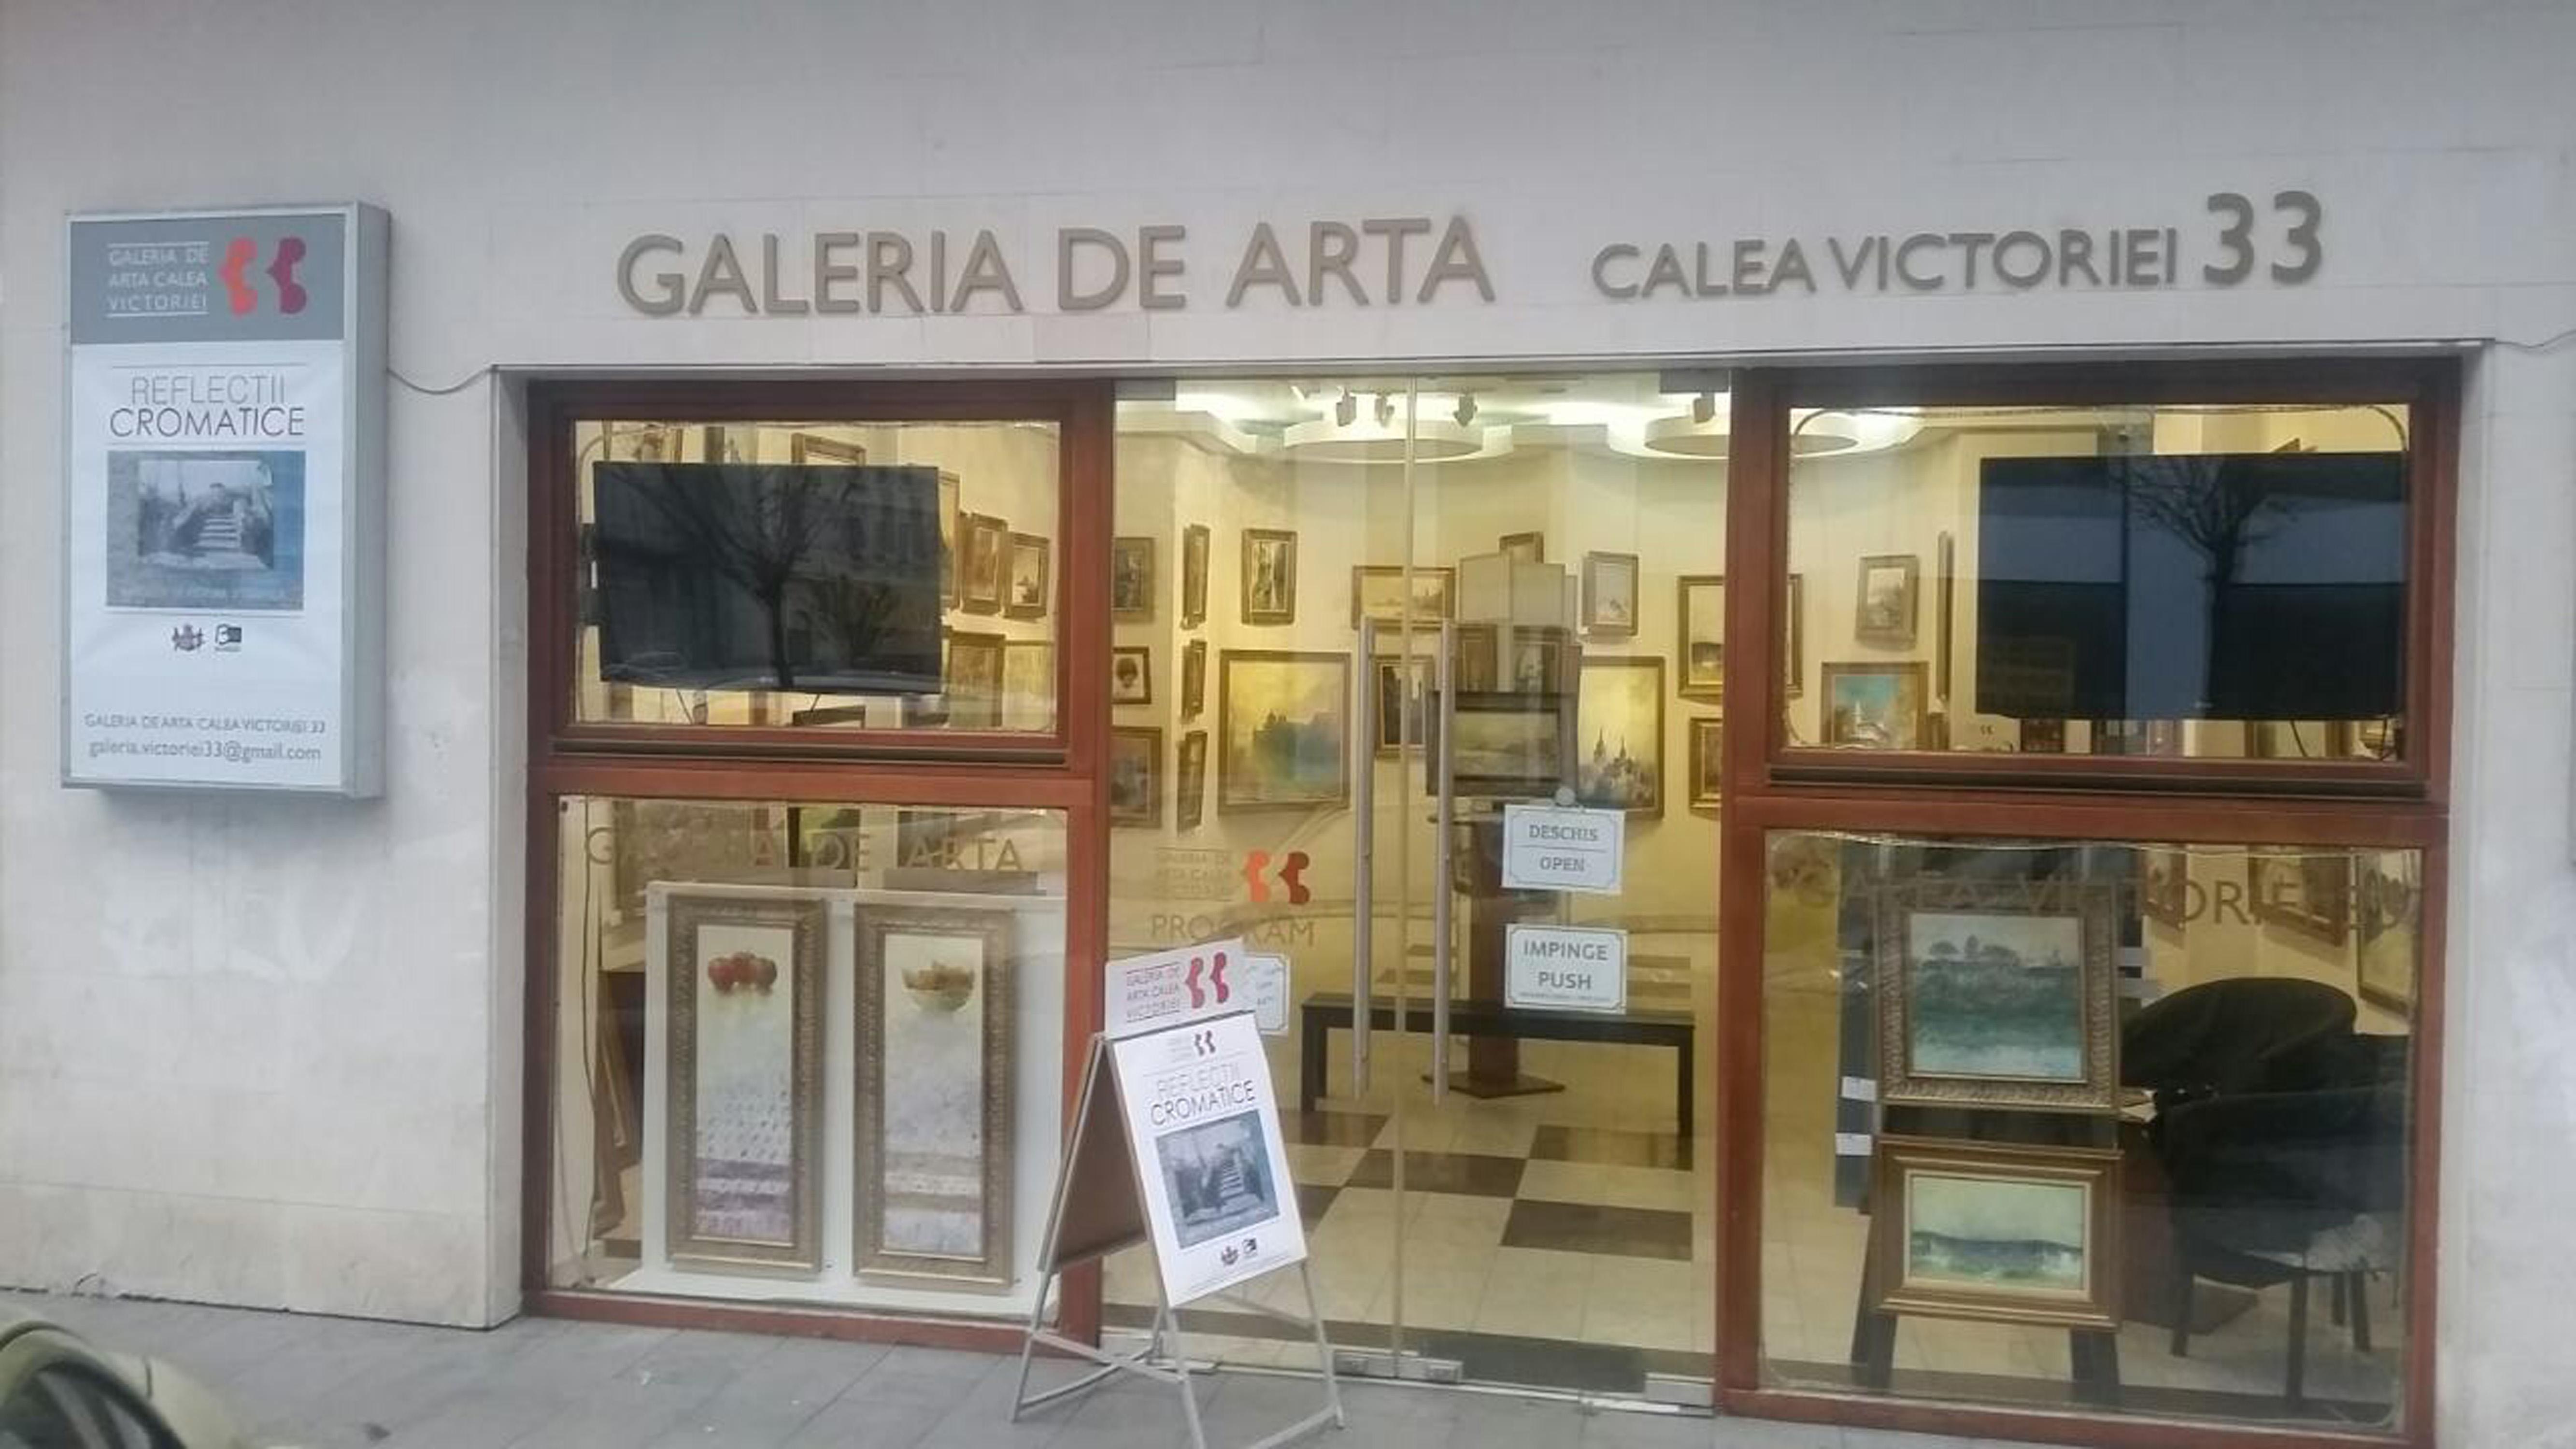 Galeria de Arta Calea Victoriei 33 - seara